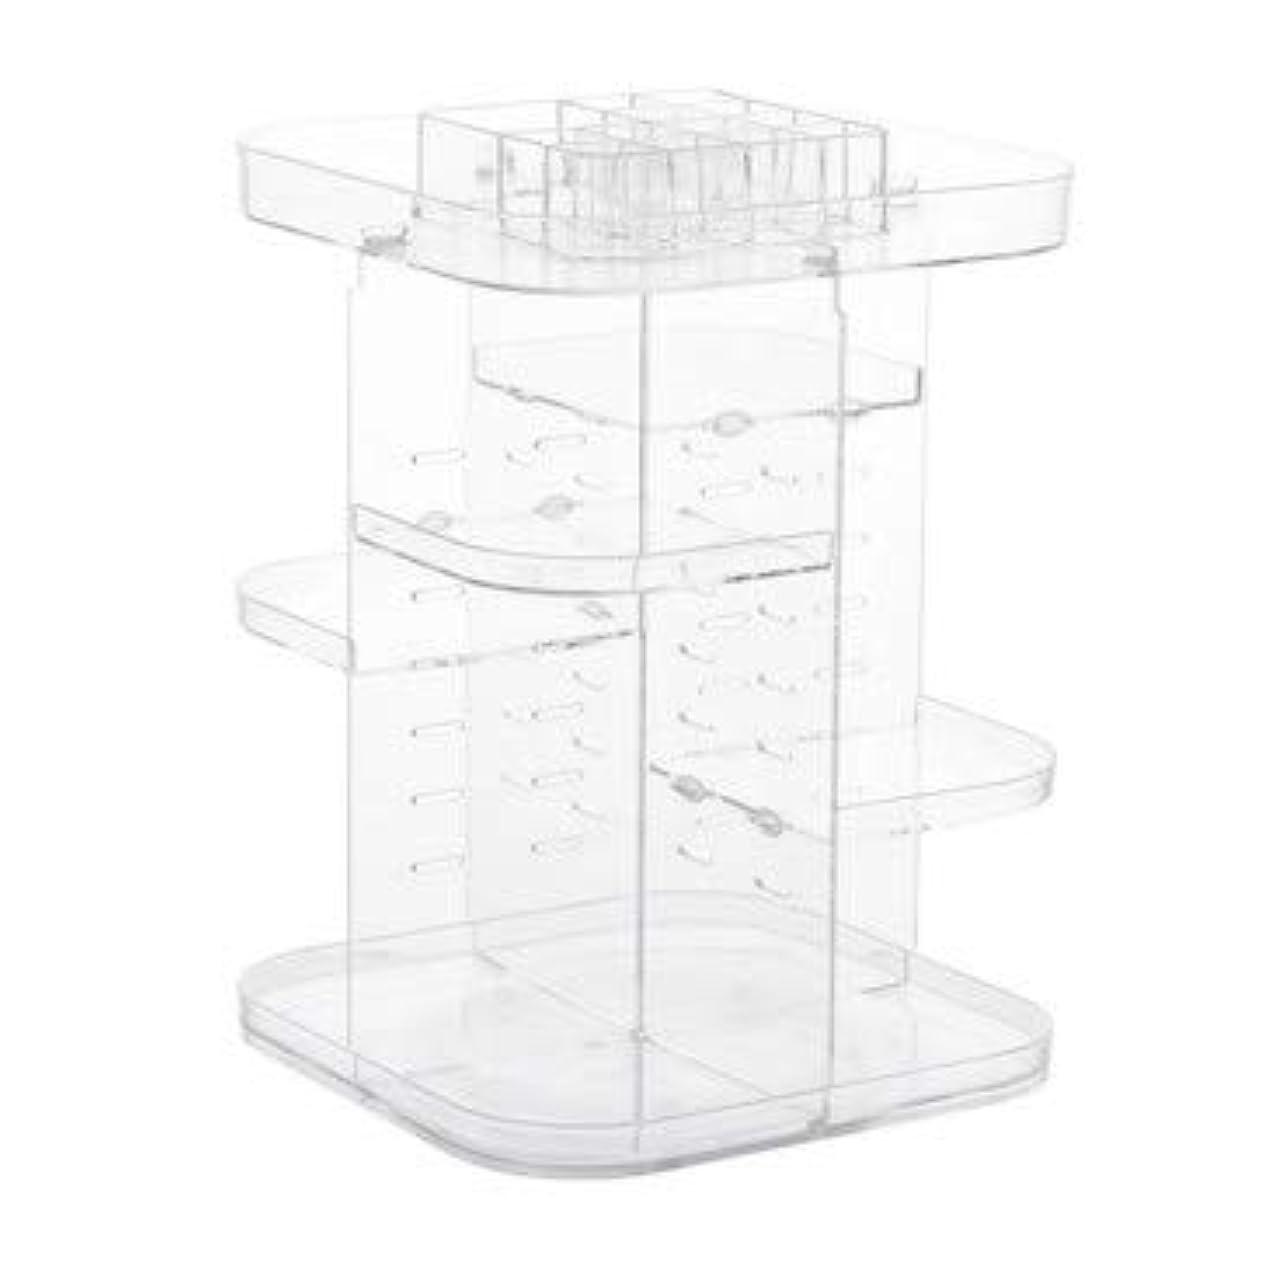 予防接種するベーカリー大気透明スクエア化粧品ケースクリエイティブ回転スキンケア製品収納化粧台口紅収納ボックス (Color : ワインレッド, Edition : A)